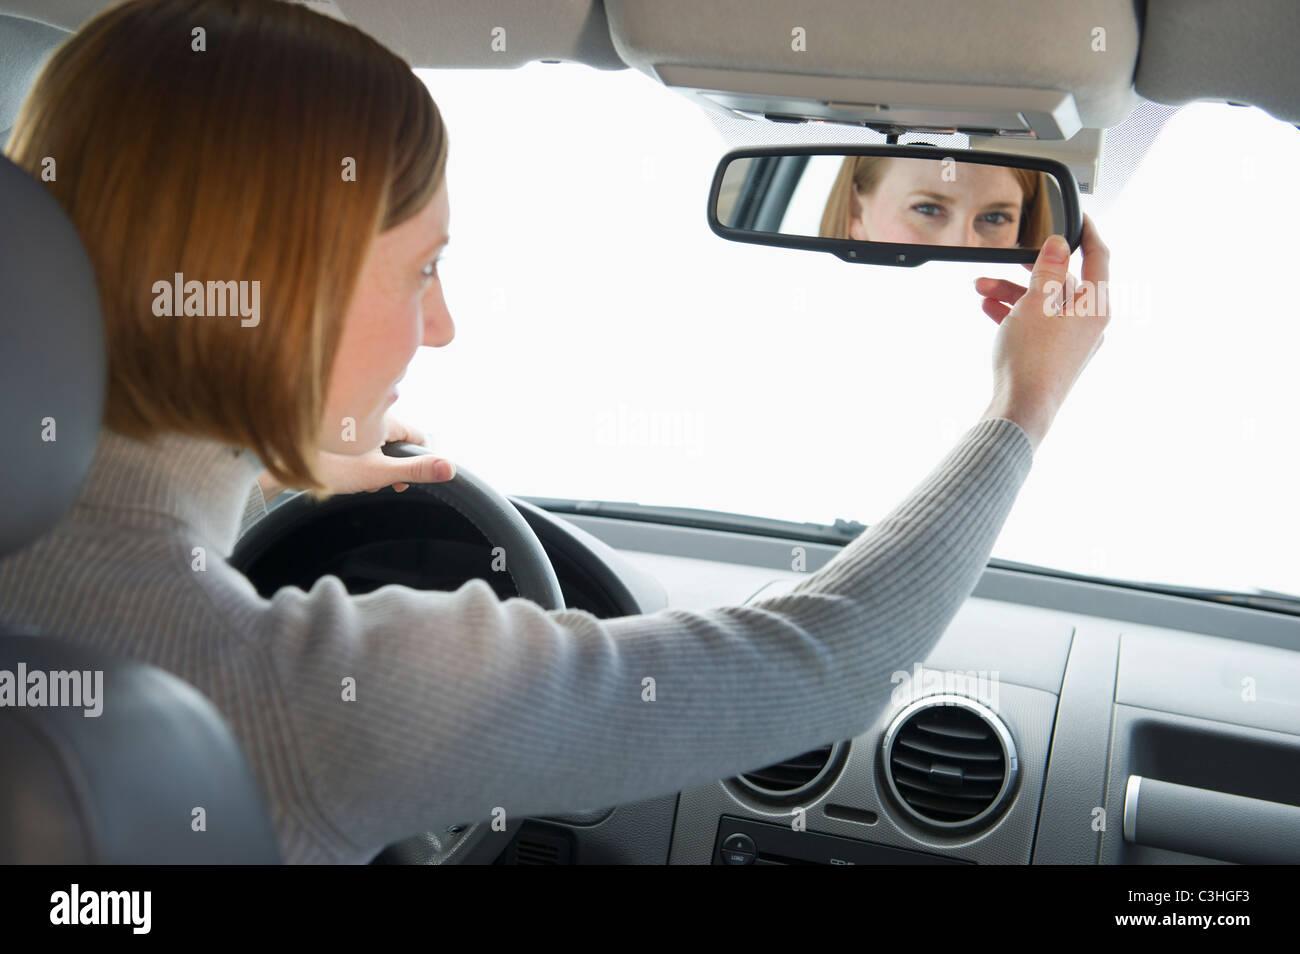 Vehicle mirror stockfotos vehicle mirror bilder alamy for Spiegel einstellen